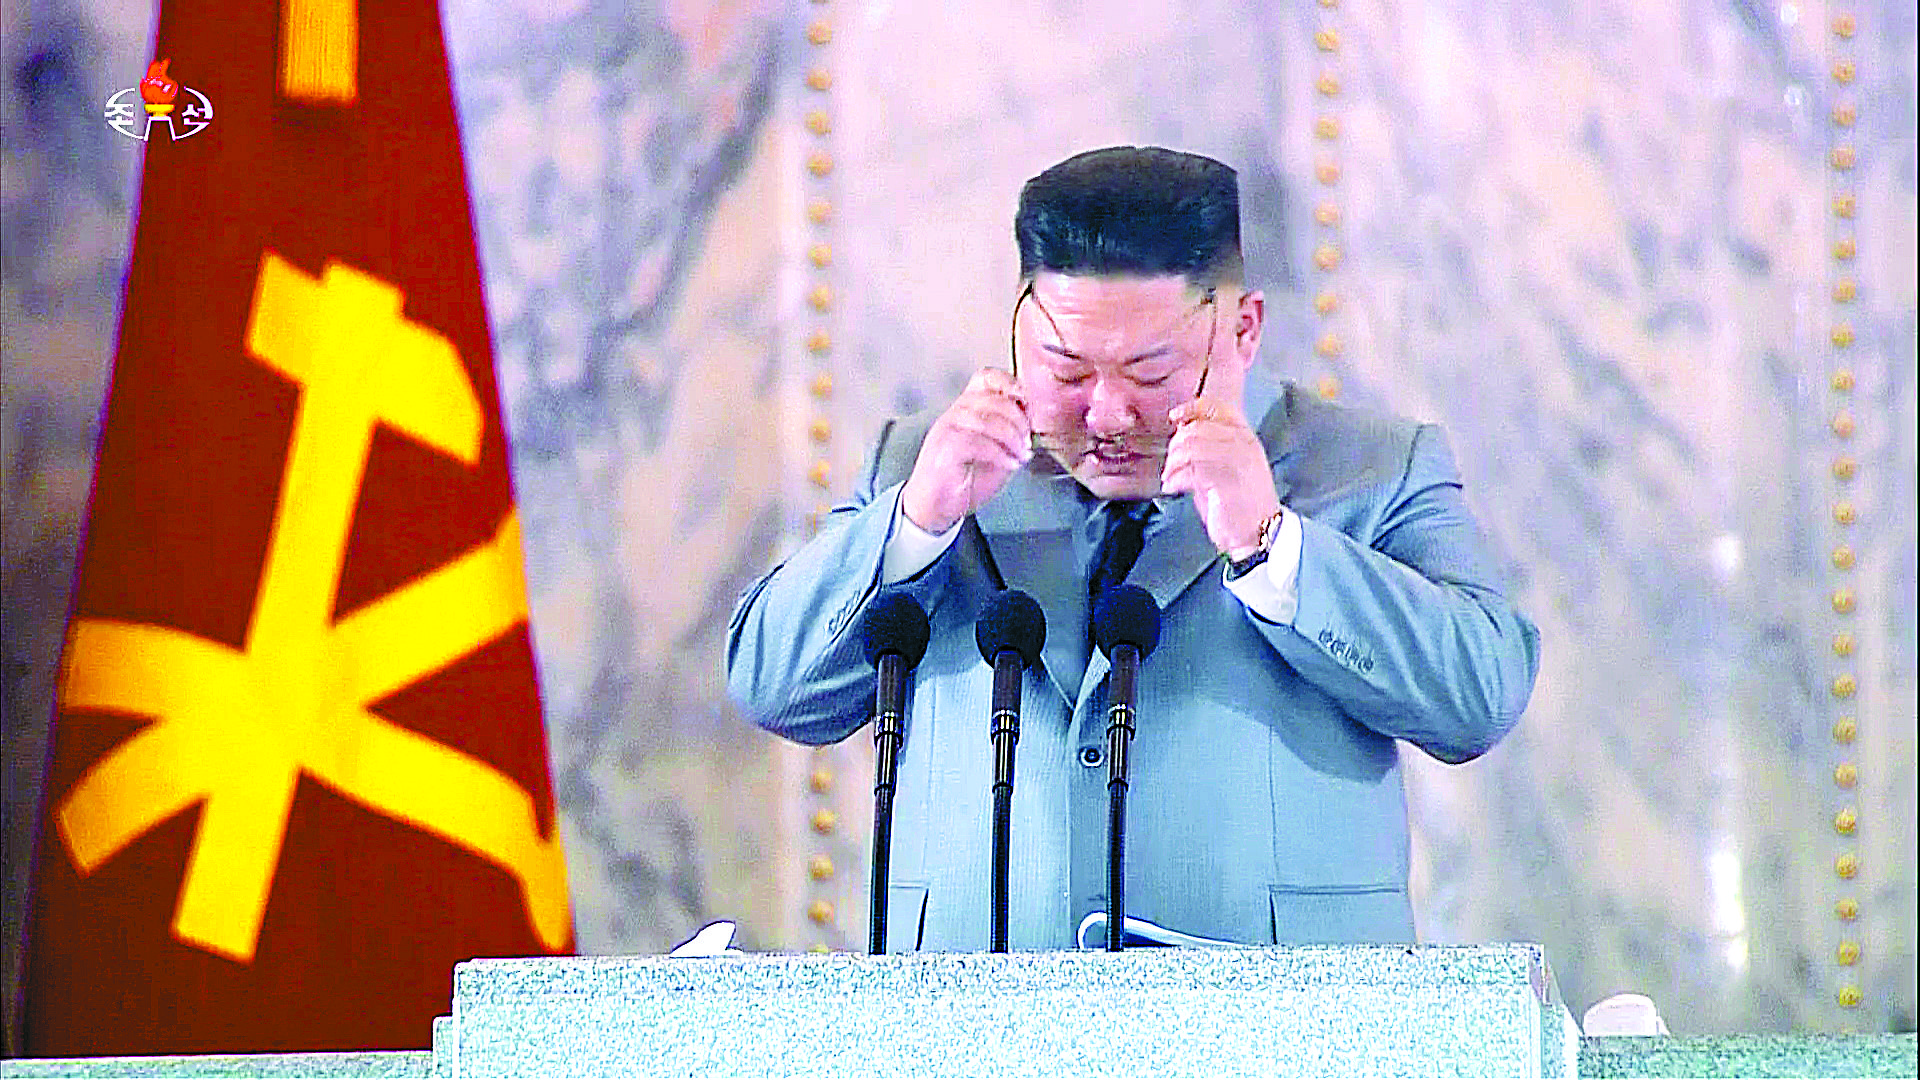 북한 조선중앙TV가 지난 10일 오후 김정은 국무위원장이 노동당 창건 75주년 경축 열병식 연설중 울먹이는 모습을 방송하고 있다. 뉴시스